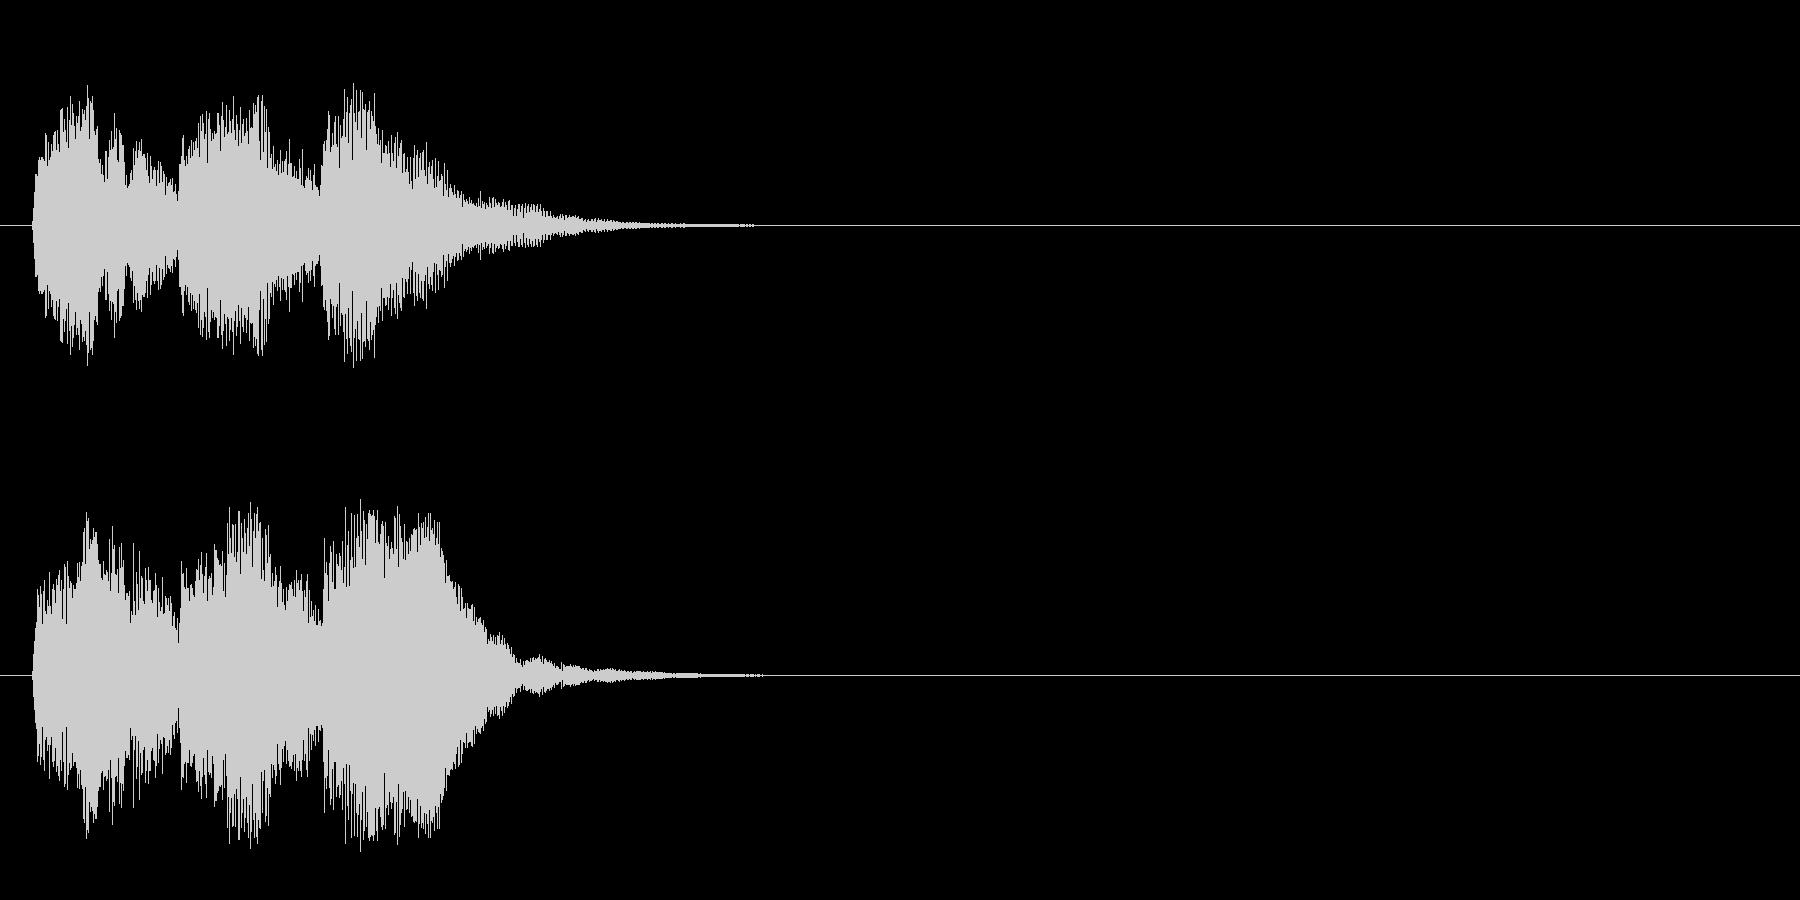 ジングル/アタック(ポップ)の未再生の波形